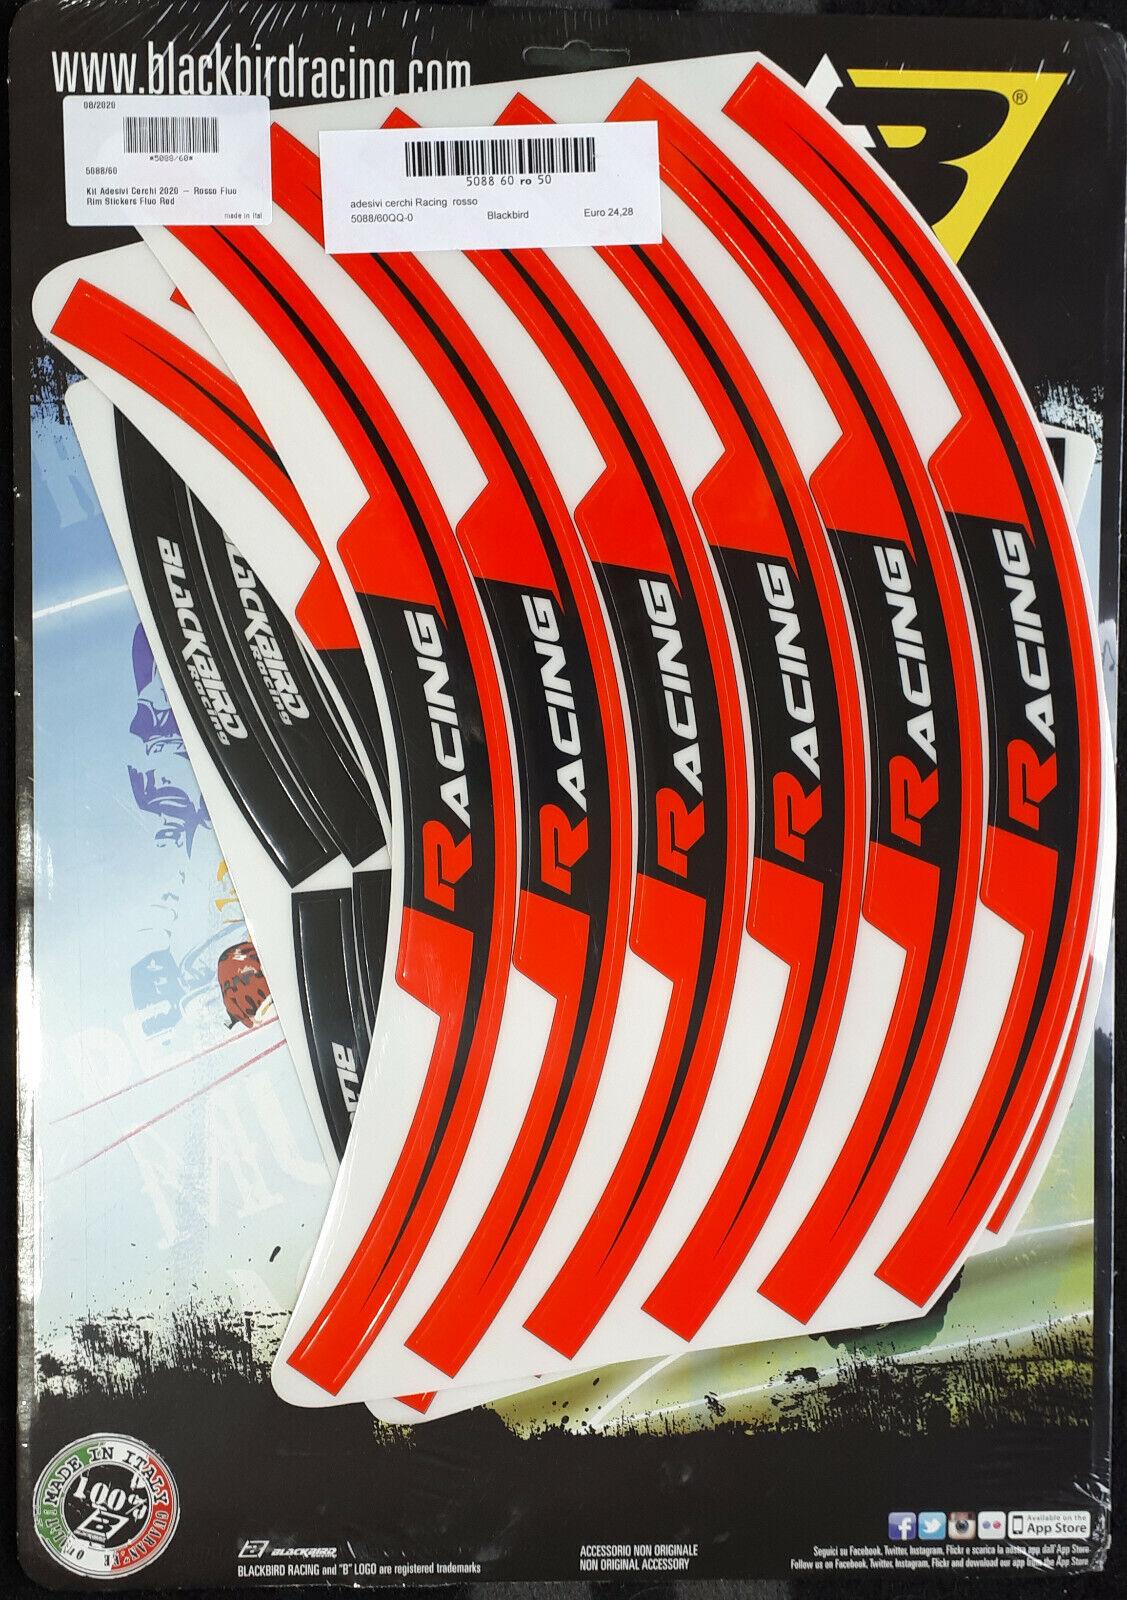 adesivi moto grafiche per cerchi in Crystal Blackbird cross enduro rosso fluo